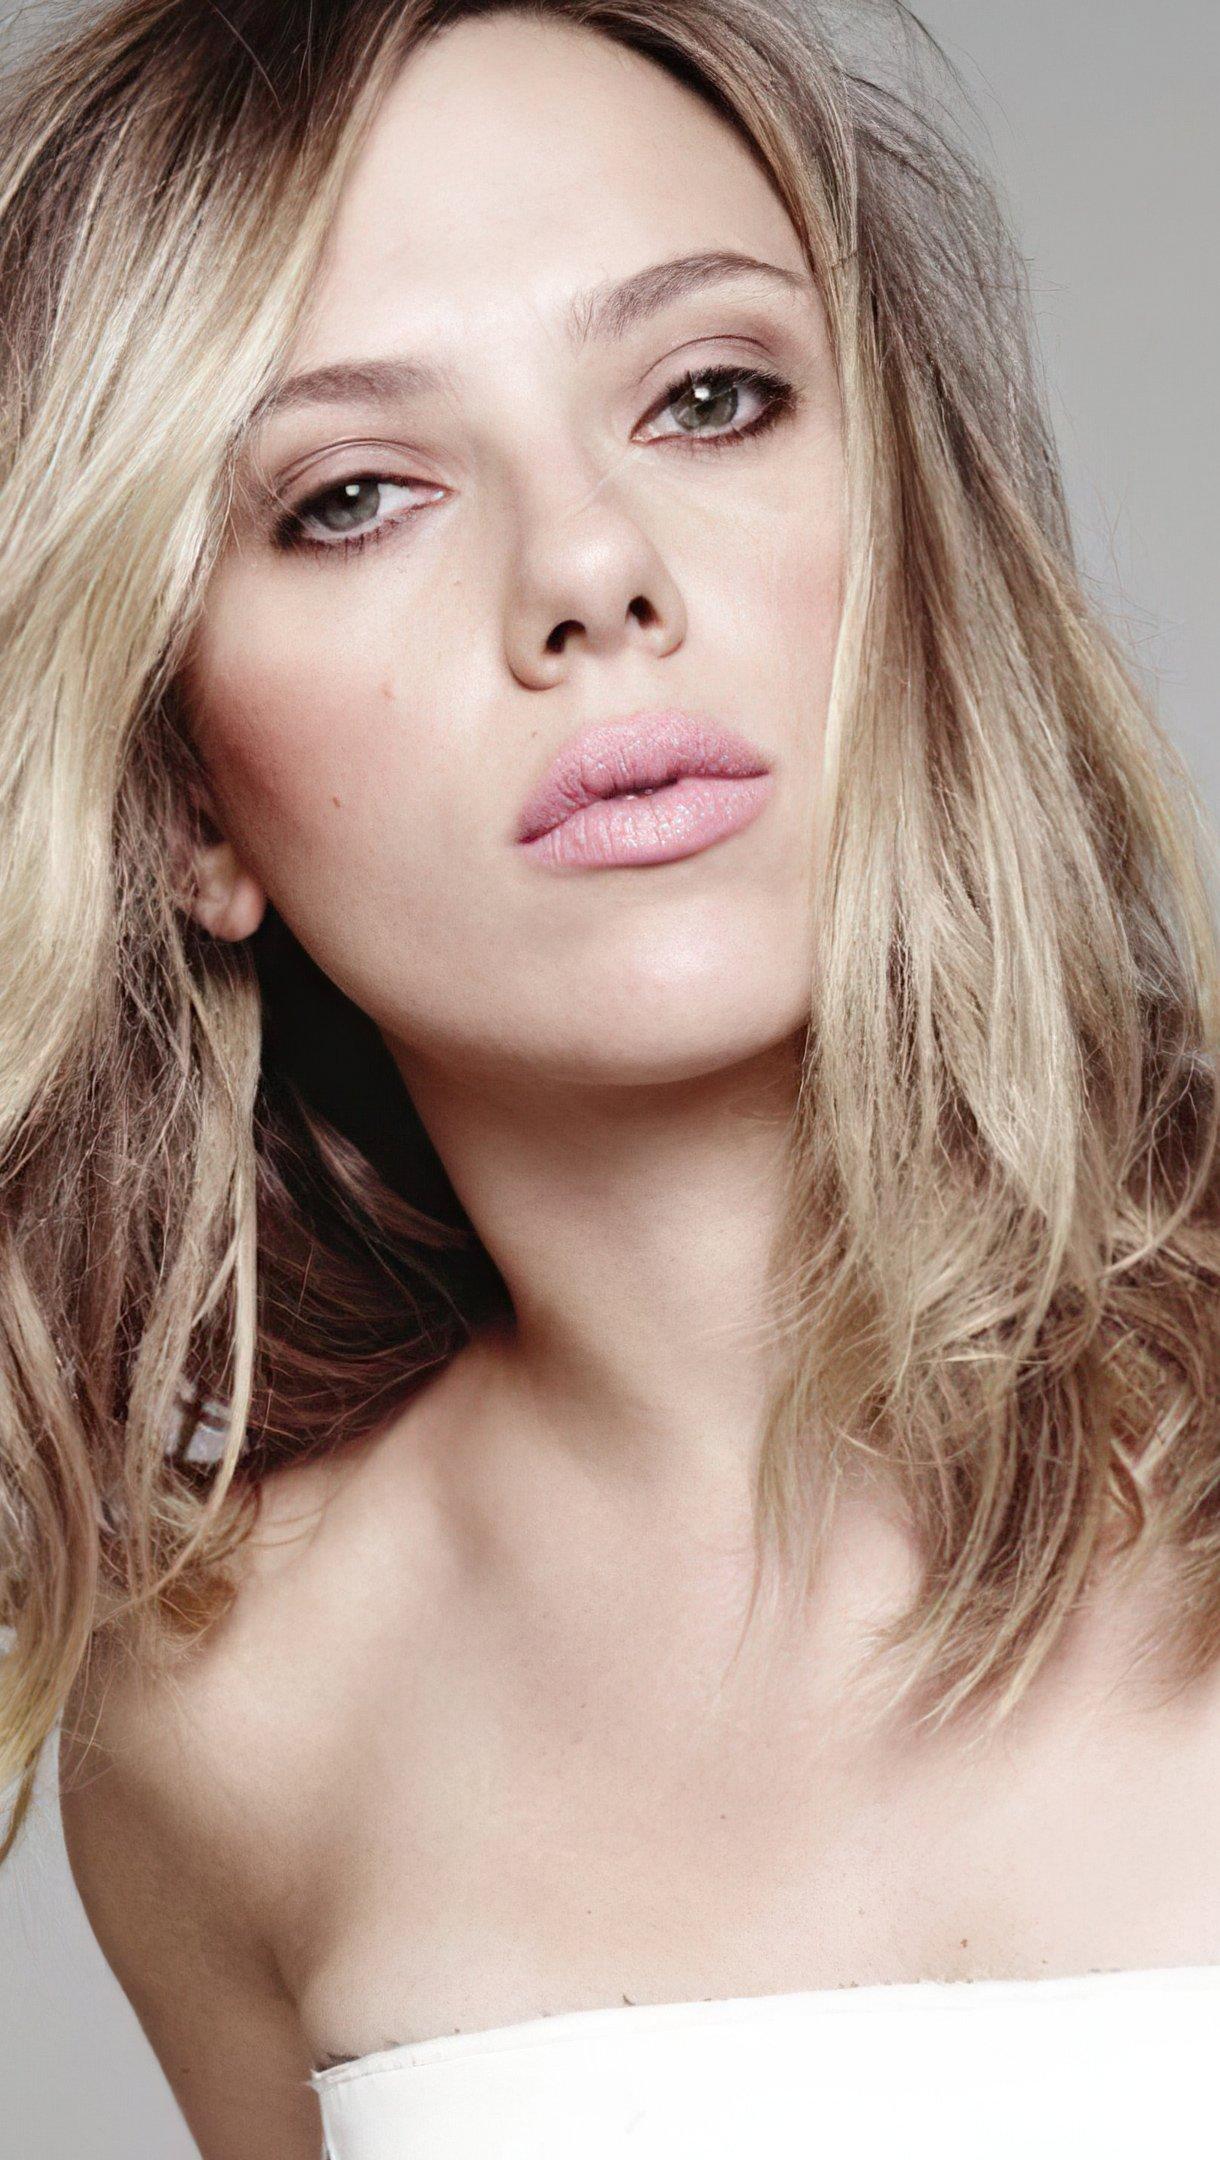 Wallpaper Actress Scarlett Johansson Vertical